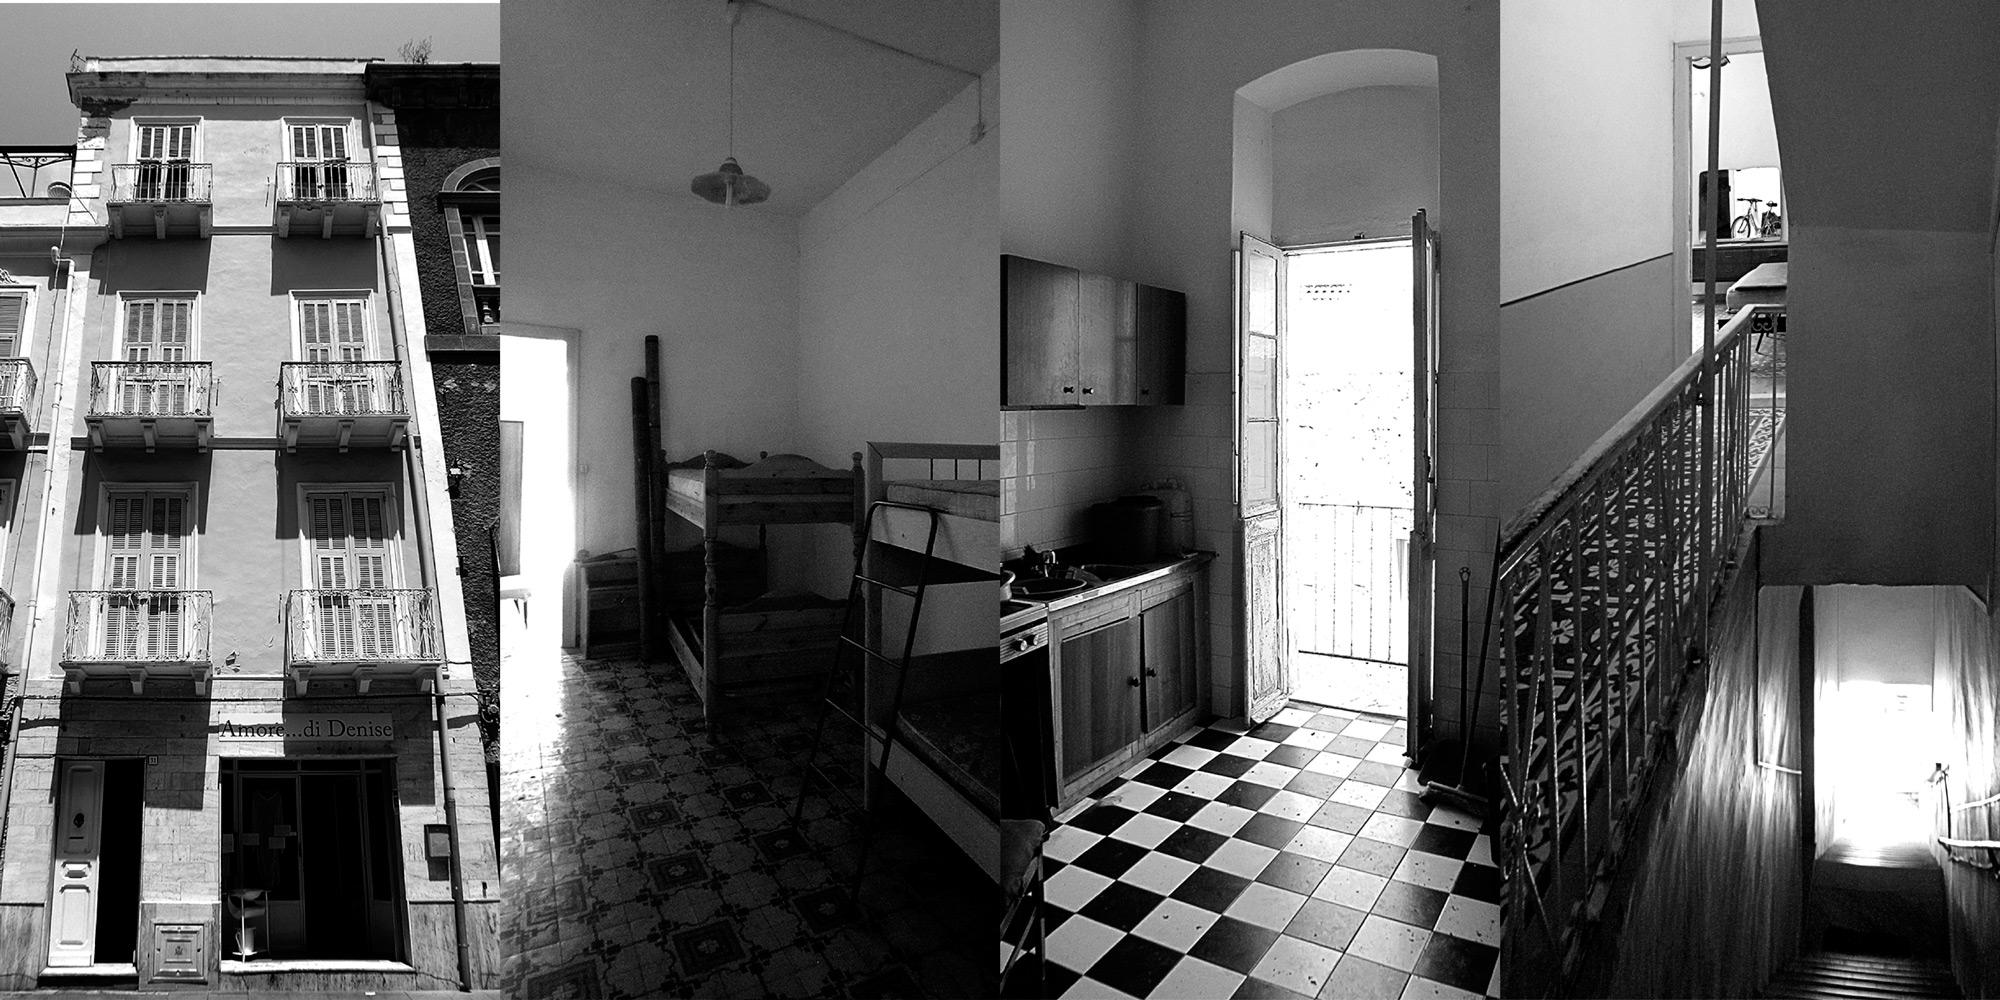 Intervento di recupero in un edificio di inizio '900 nel centro storico di Carloforte in Sardegna. }